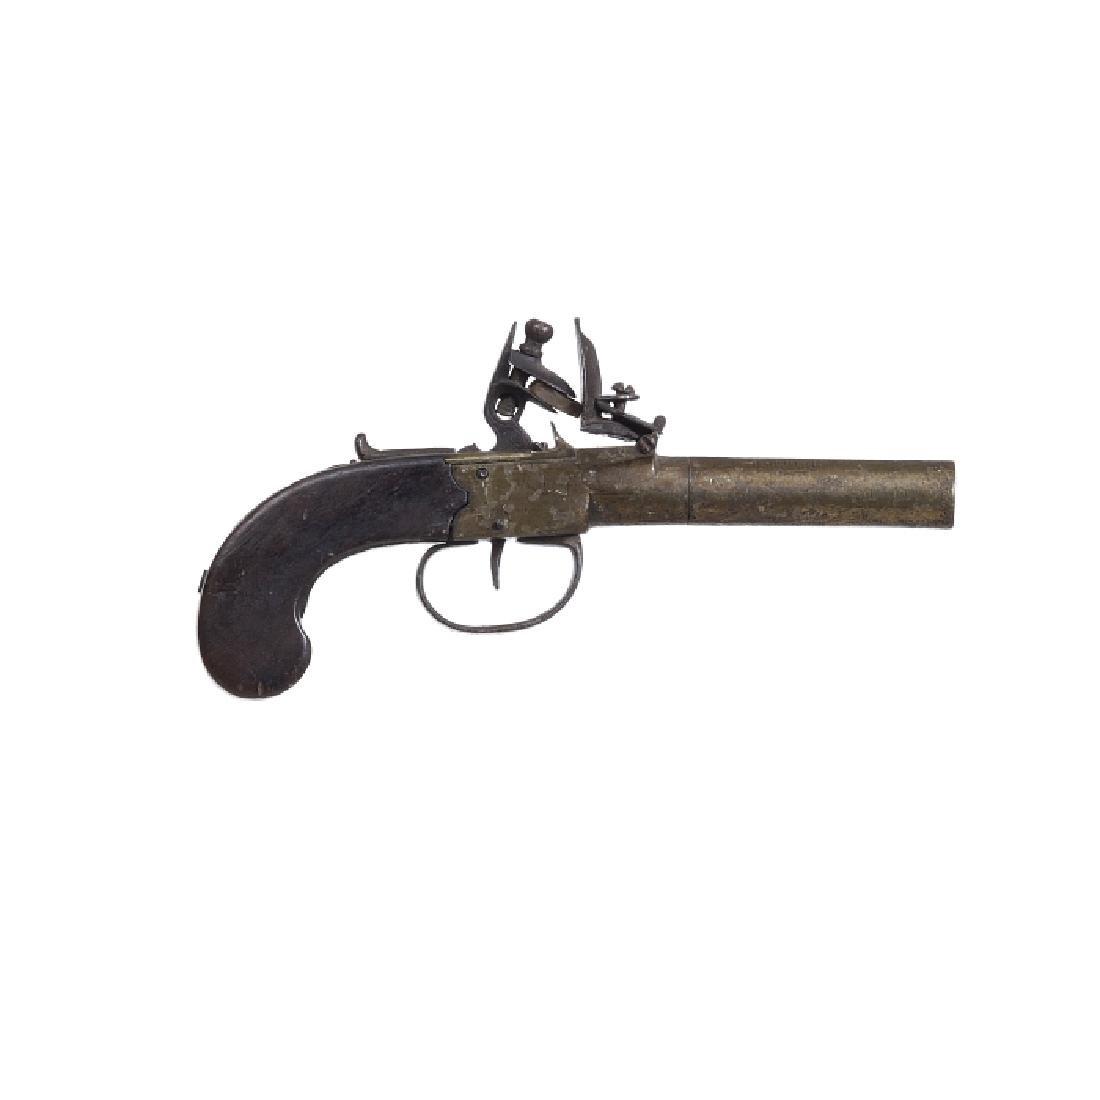 English flintlock pocket pistol